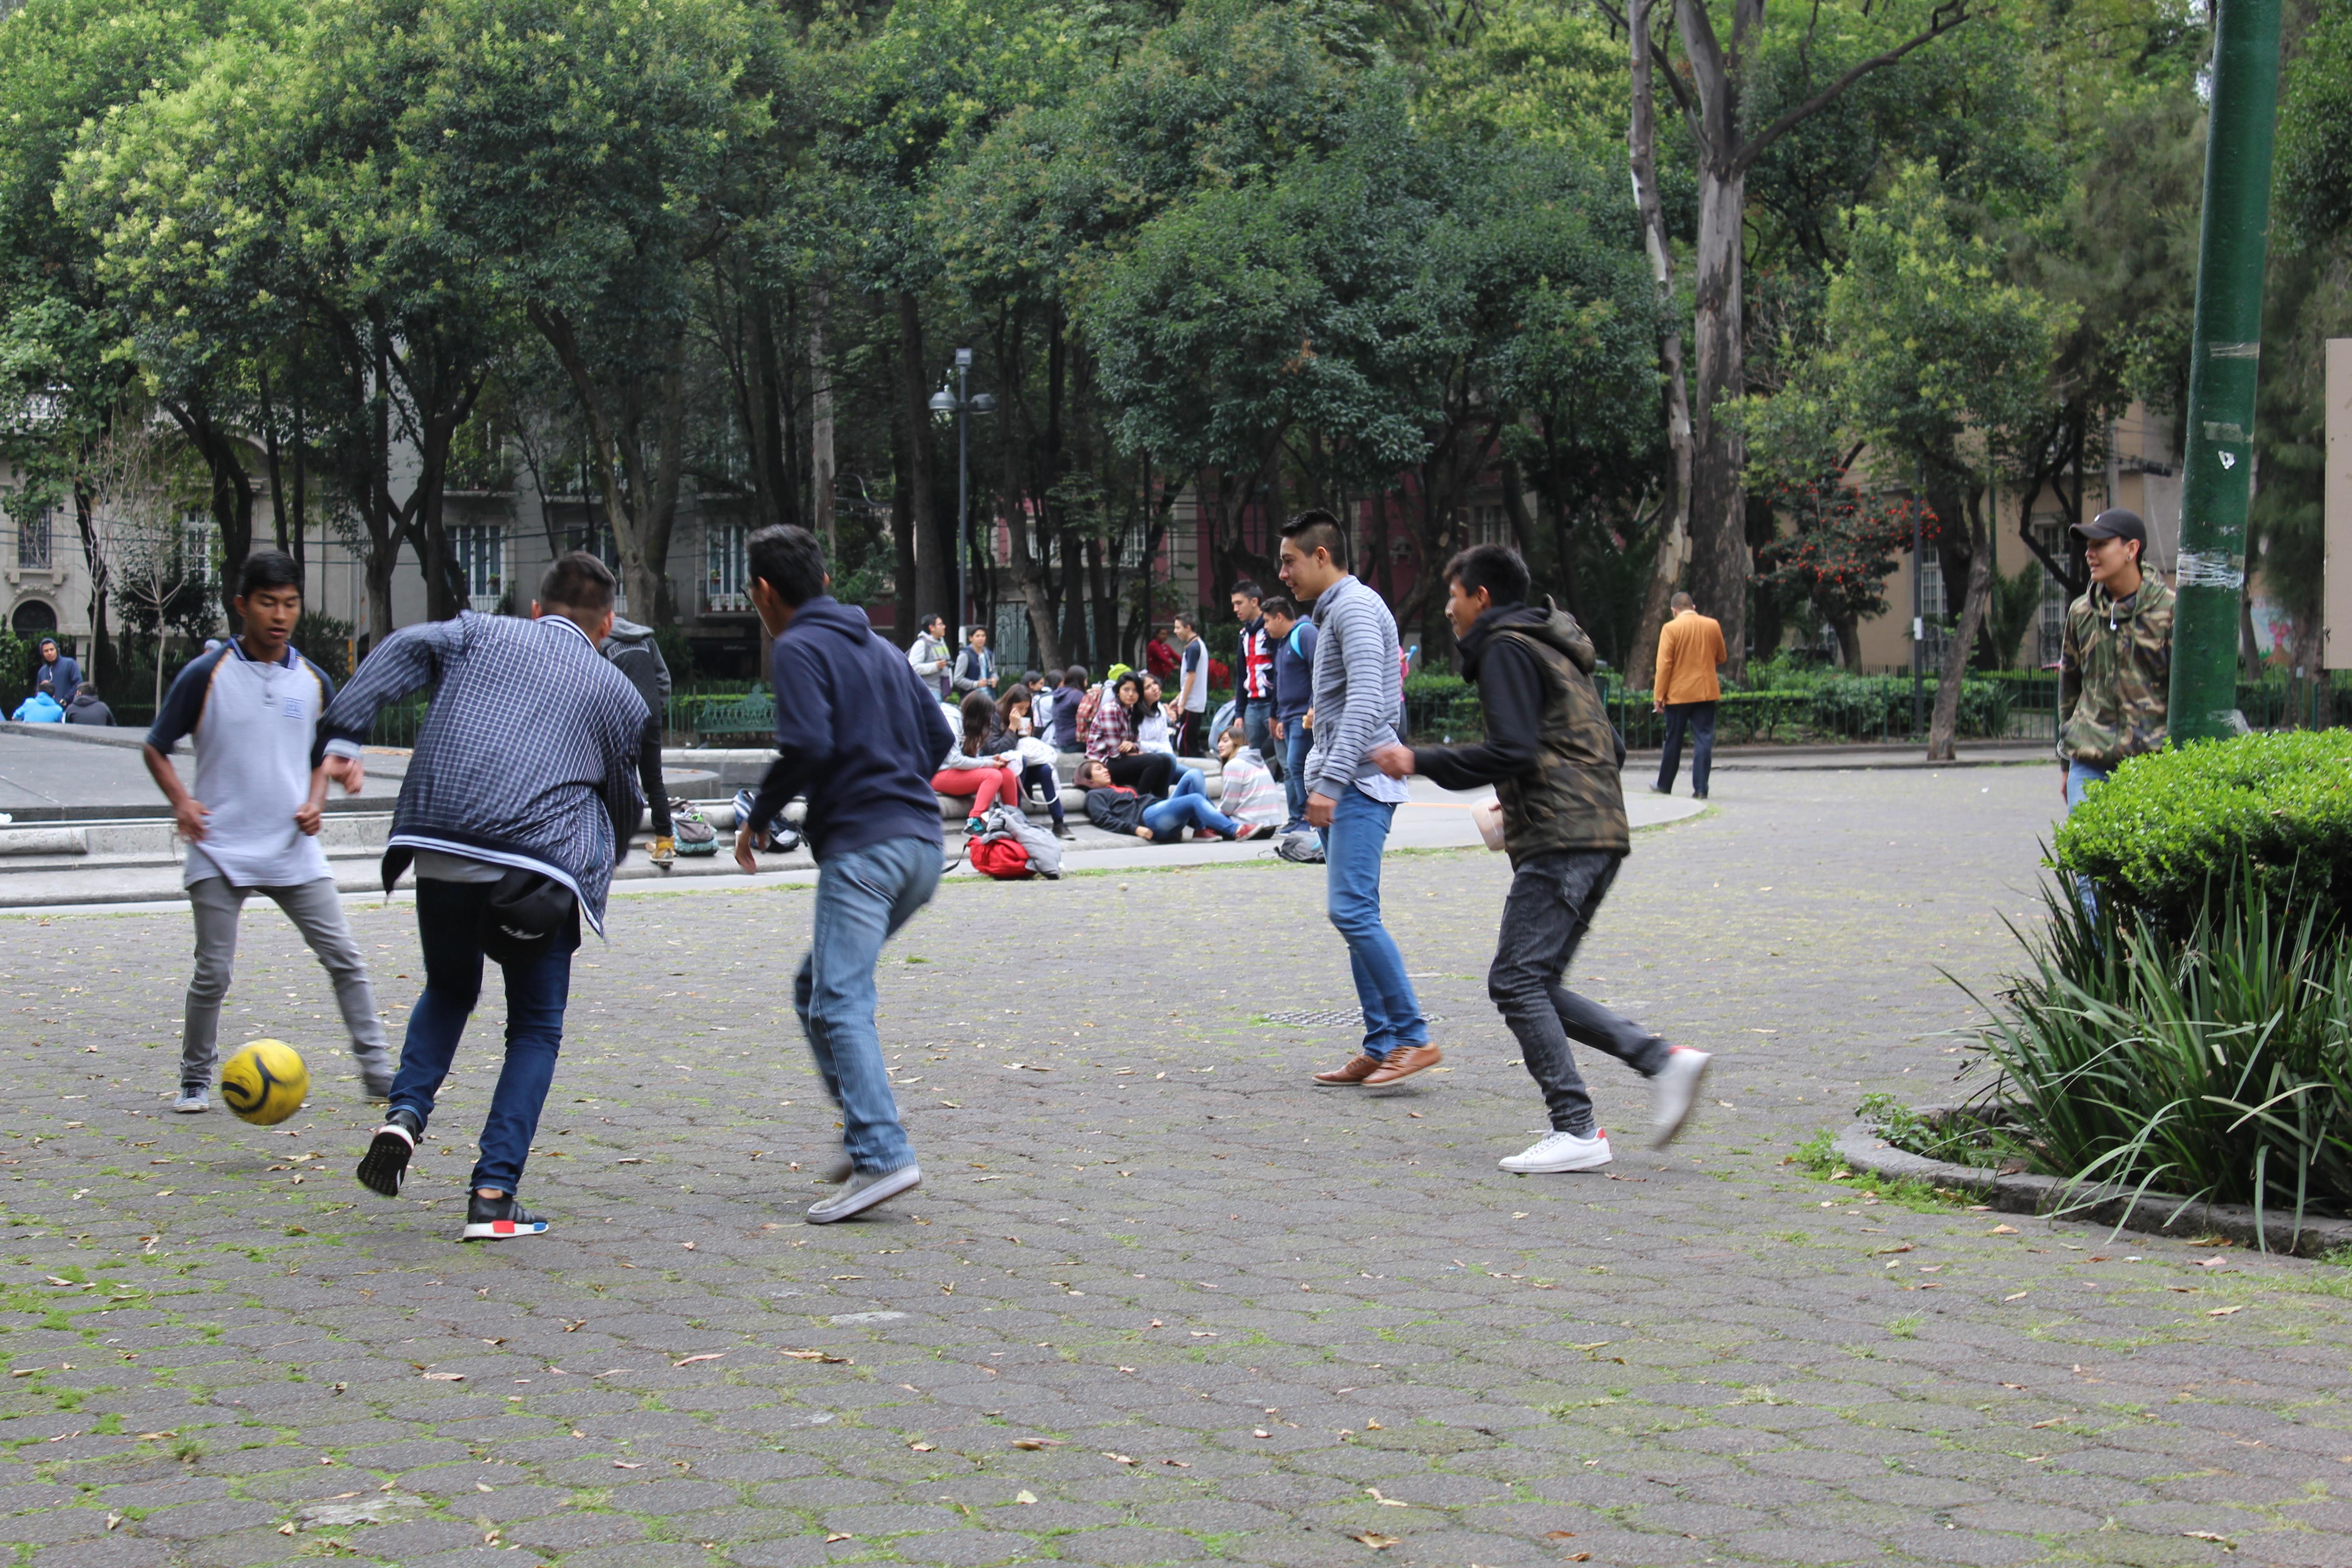 File:Niños Jugando Fútbol, Ciudad De México.jpg